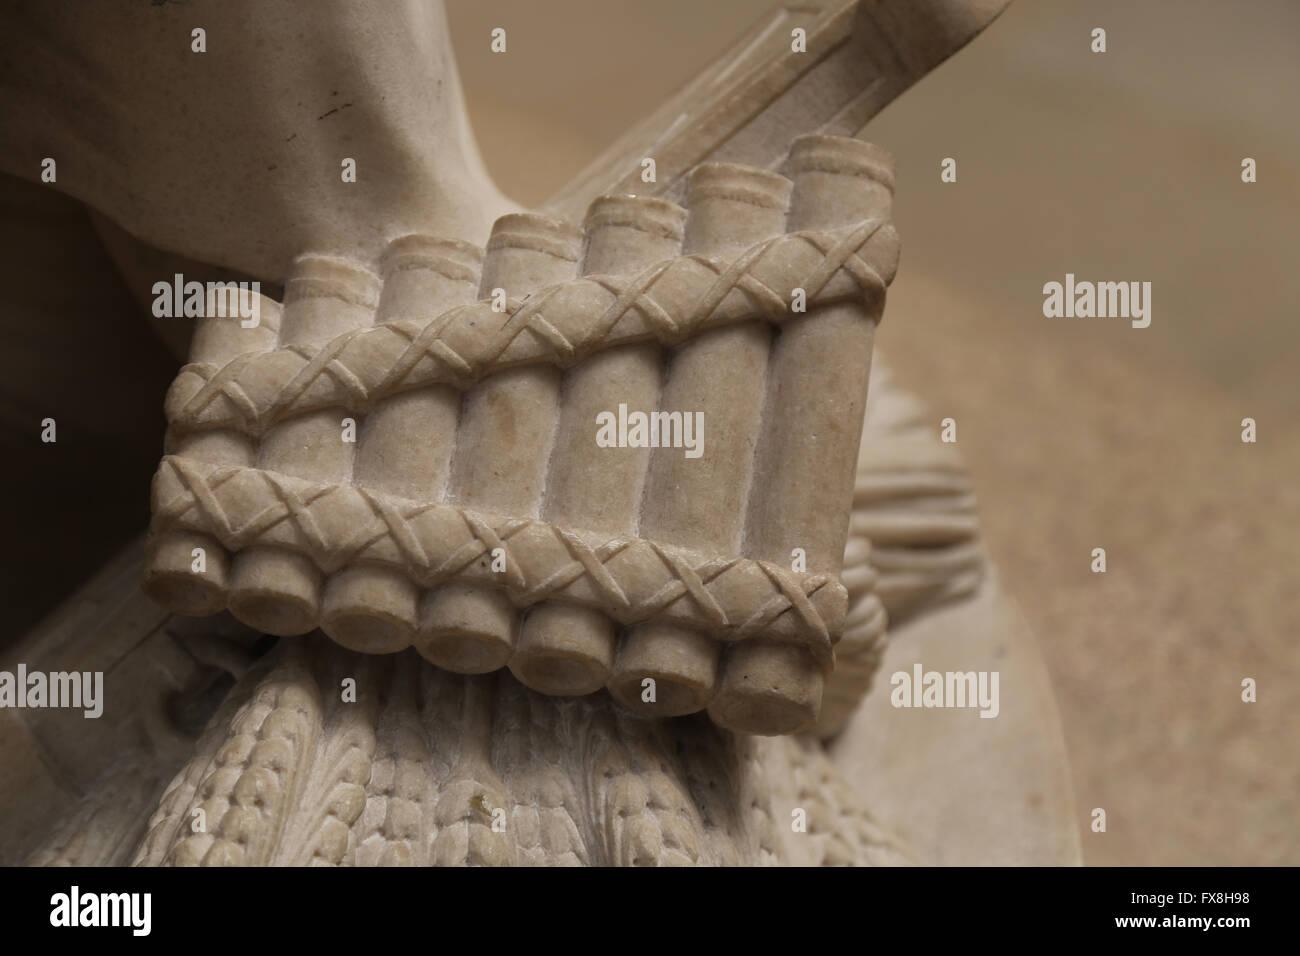 Tempi classici. Il flauto di Pan, strumento musicale. Dettaglio. Statua. Il Museo d' Orsay. La Francia. Immagini Stock